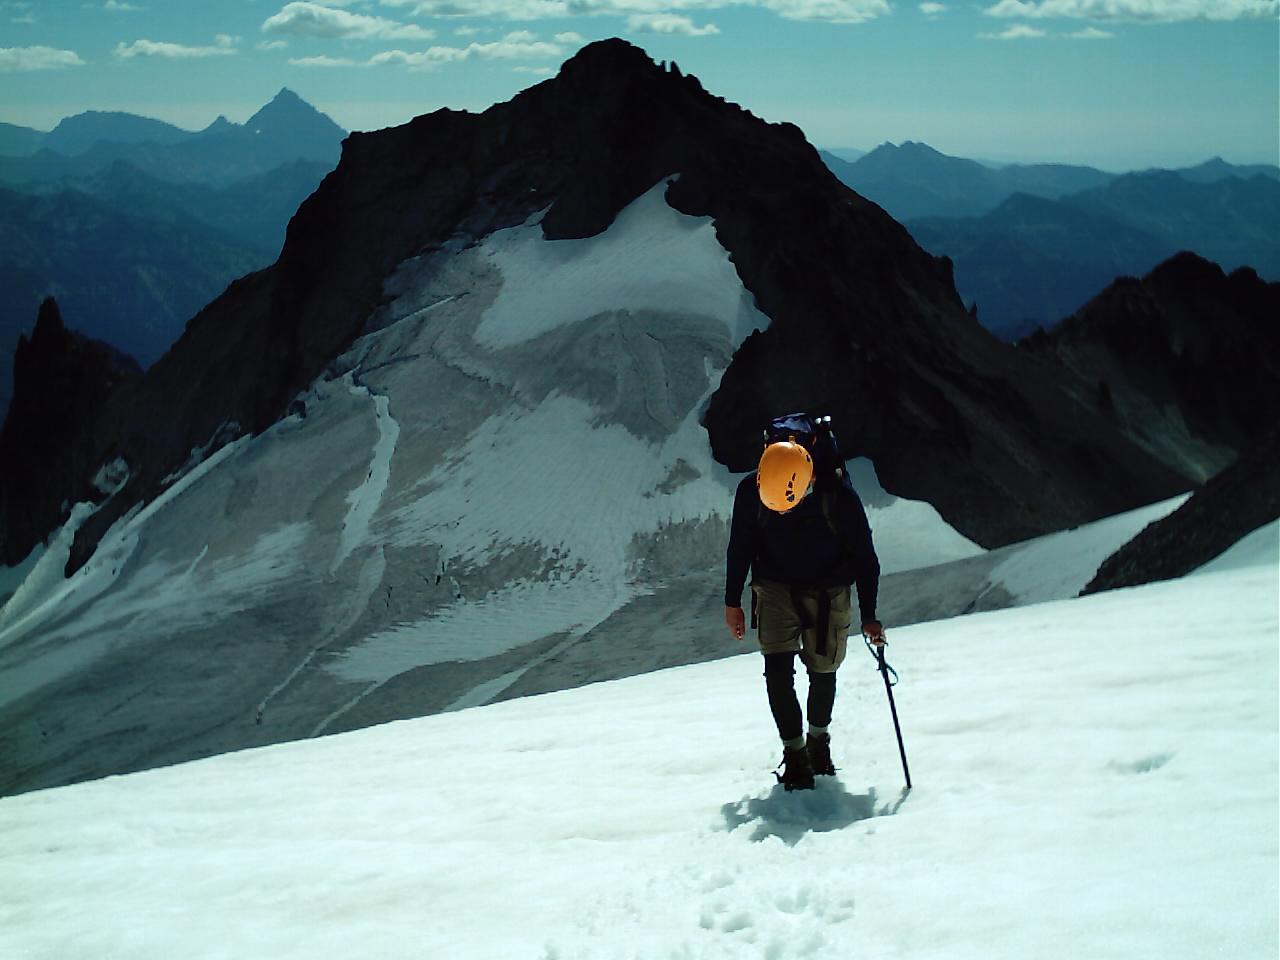 East Peak Mt. Daniel